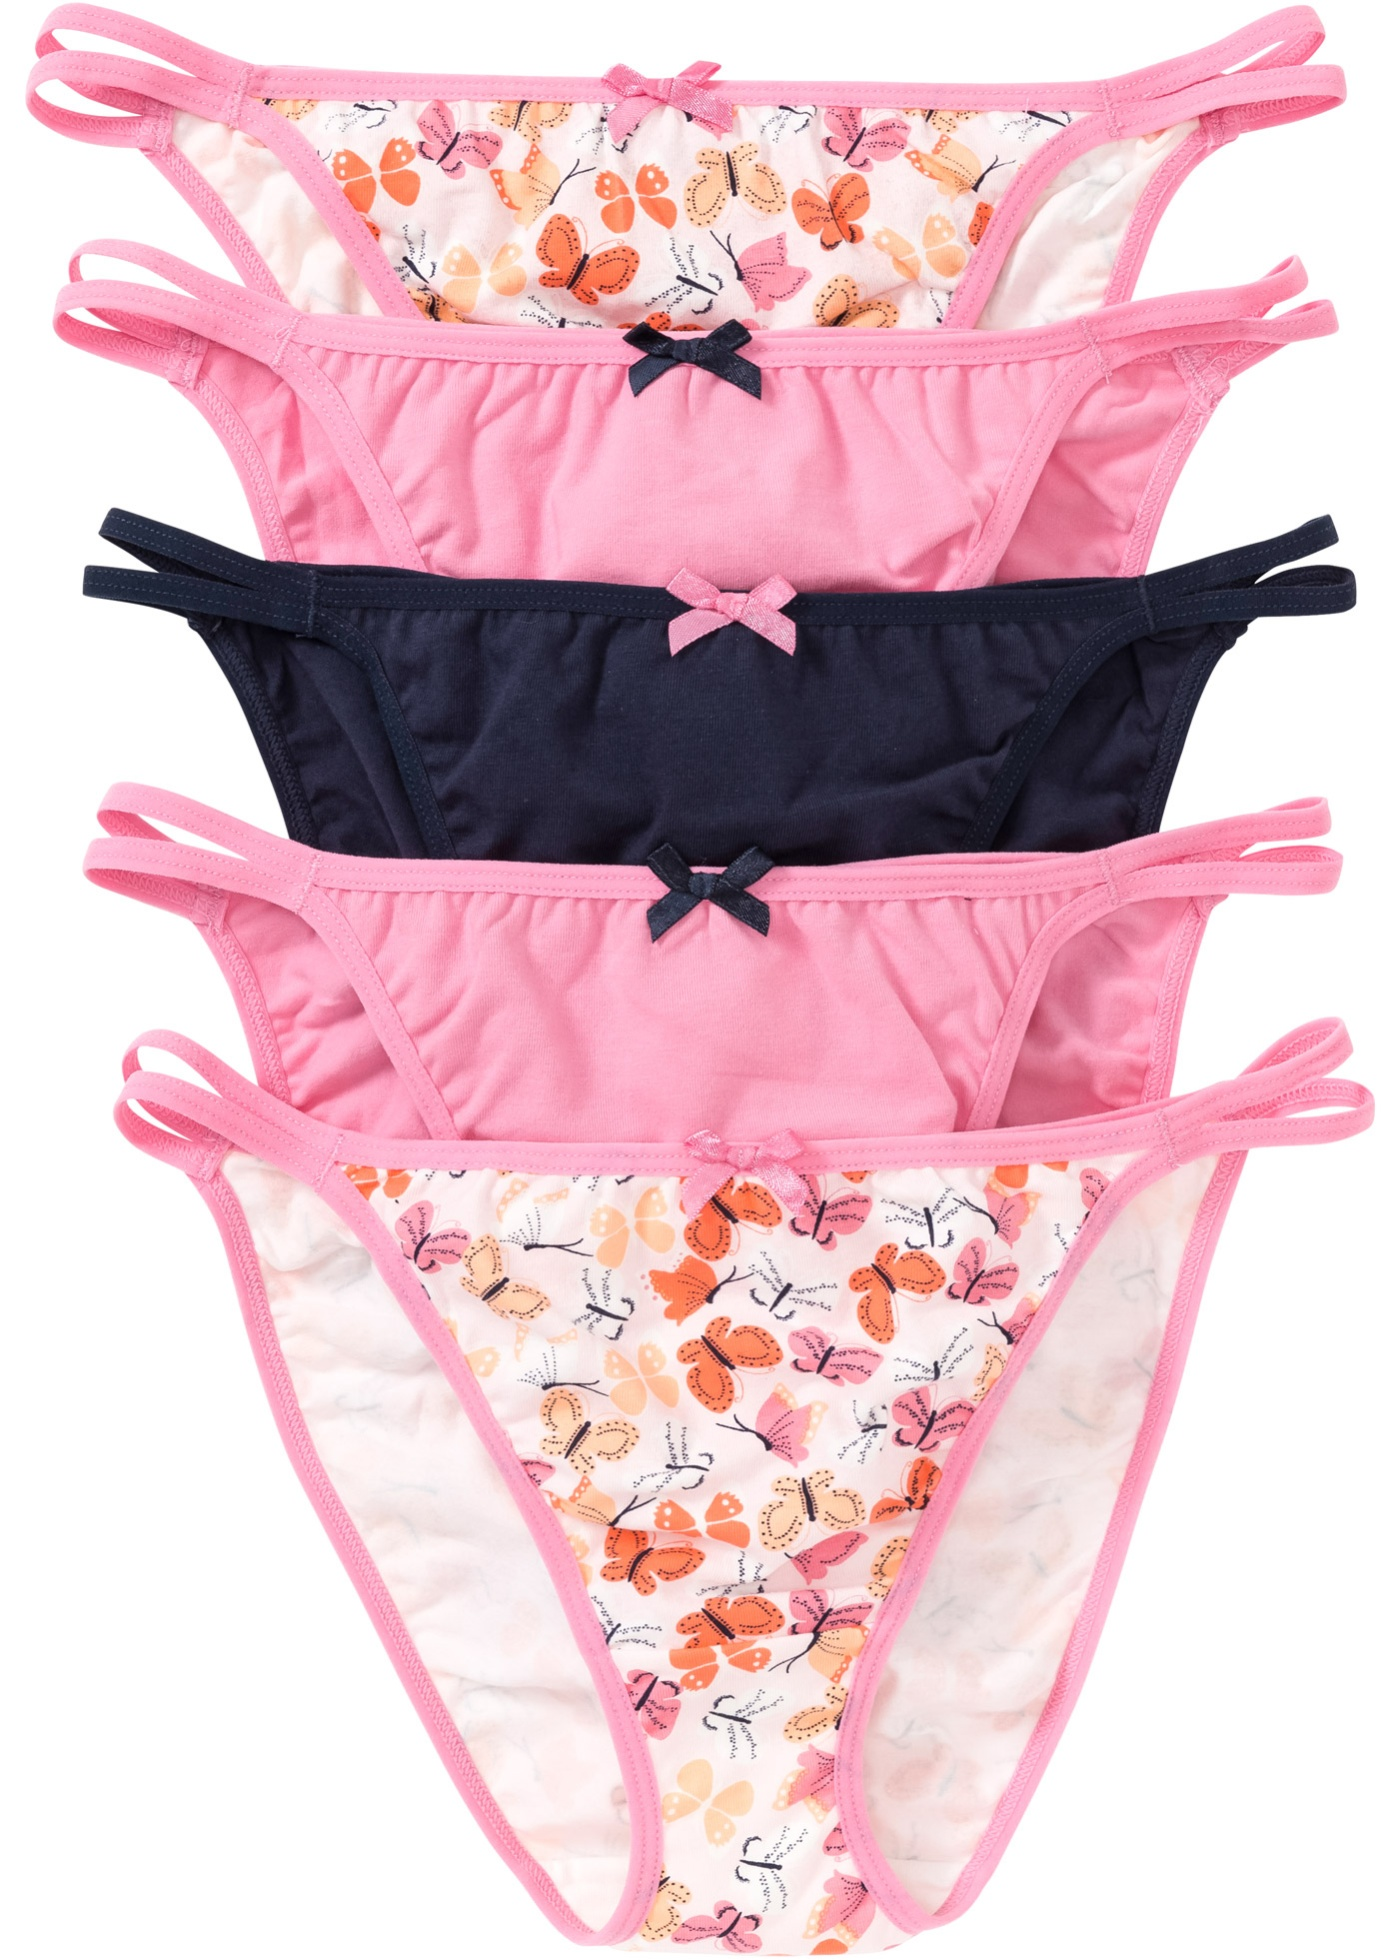 Orange Tangas CollectionLot Pour Bpc Femme Bonprix De 5 UpSzMqV